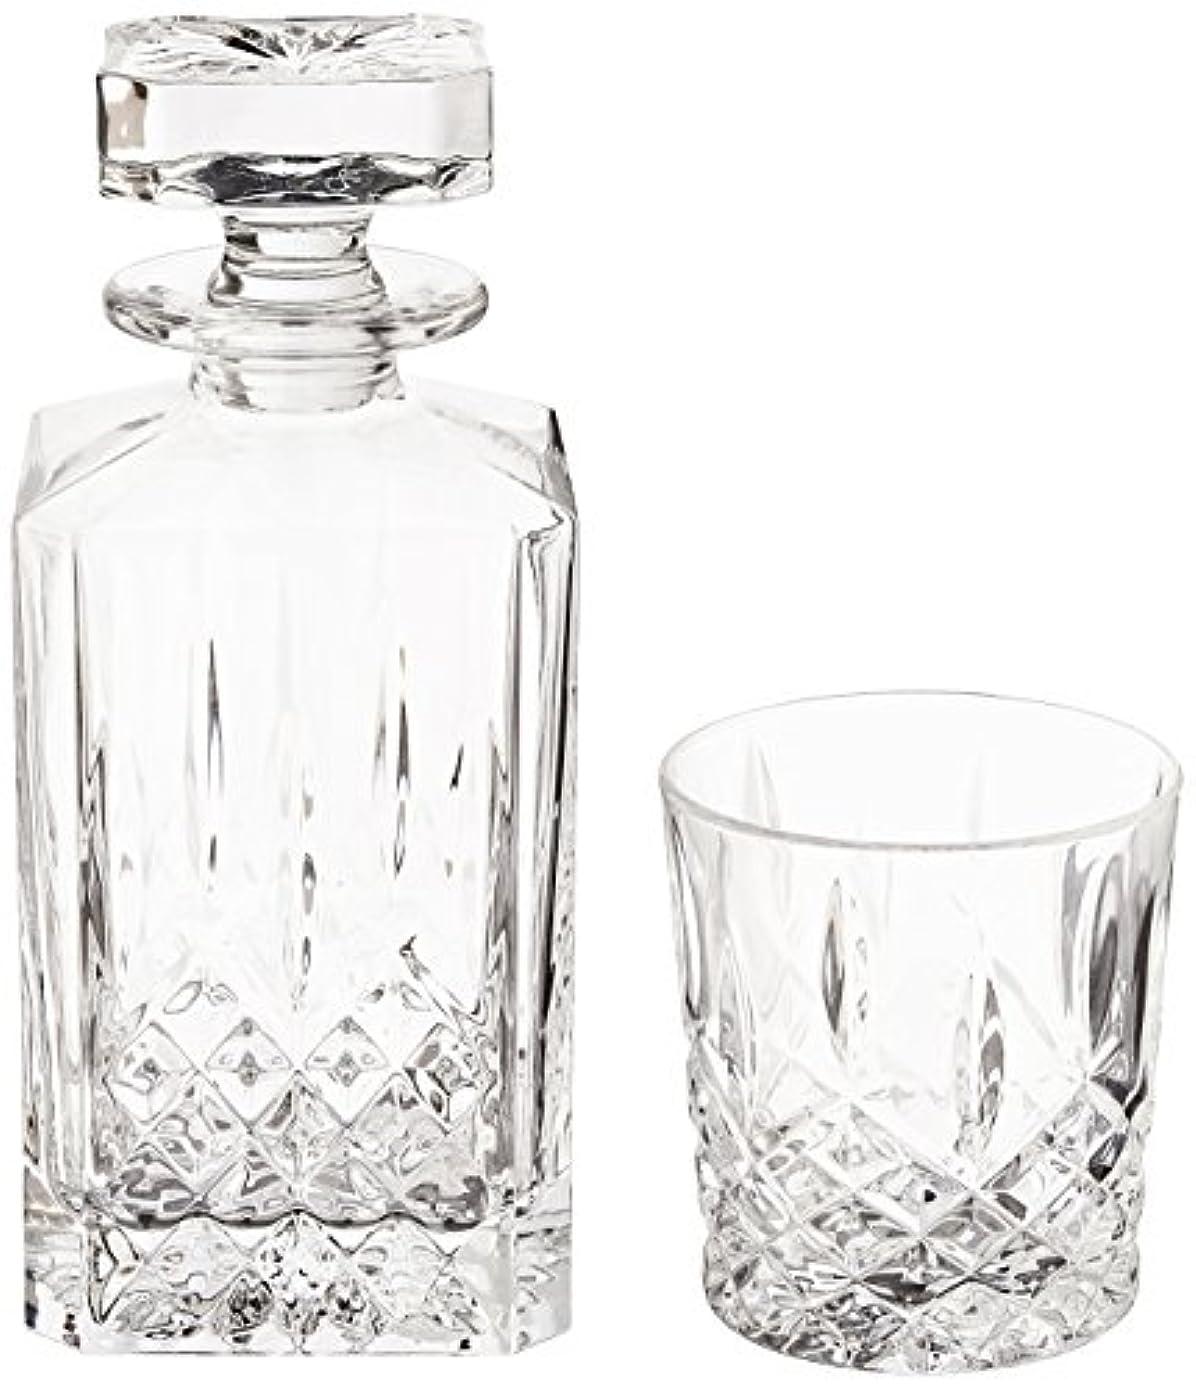 パールこどもセンター鑑定(Decanter Set) - Marquis by Waterford Markham 330ml Double Old Fashioned Glasses Pair and Square Decanter Set, Unleaded Crystal